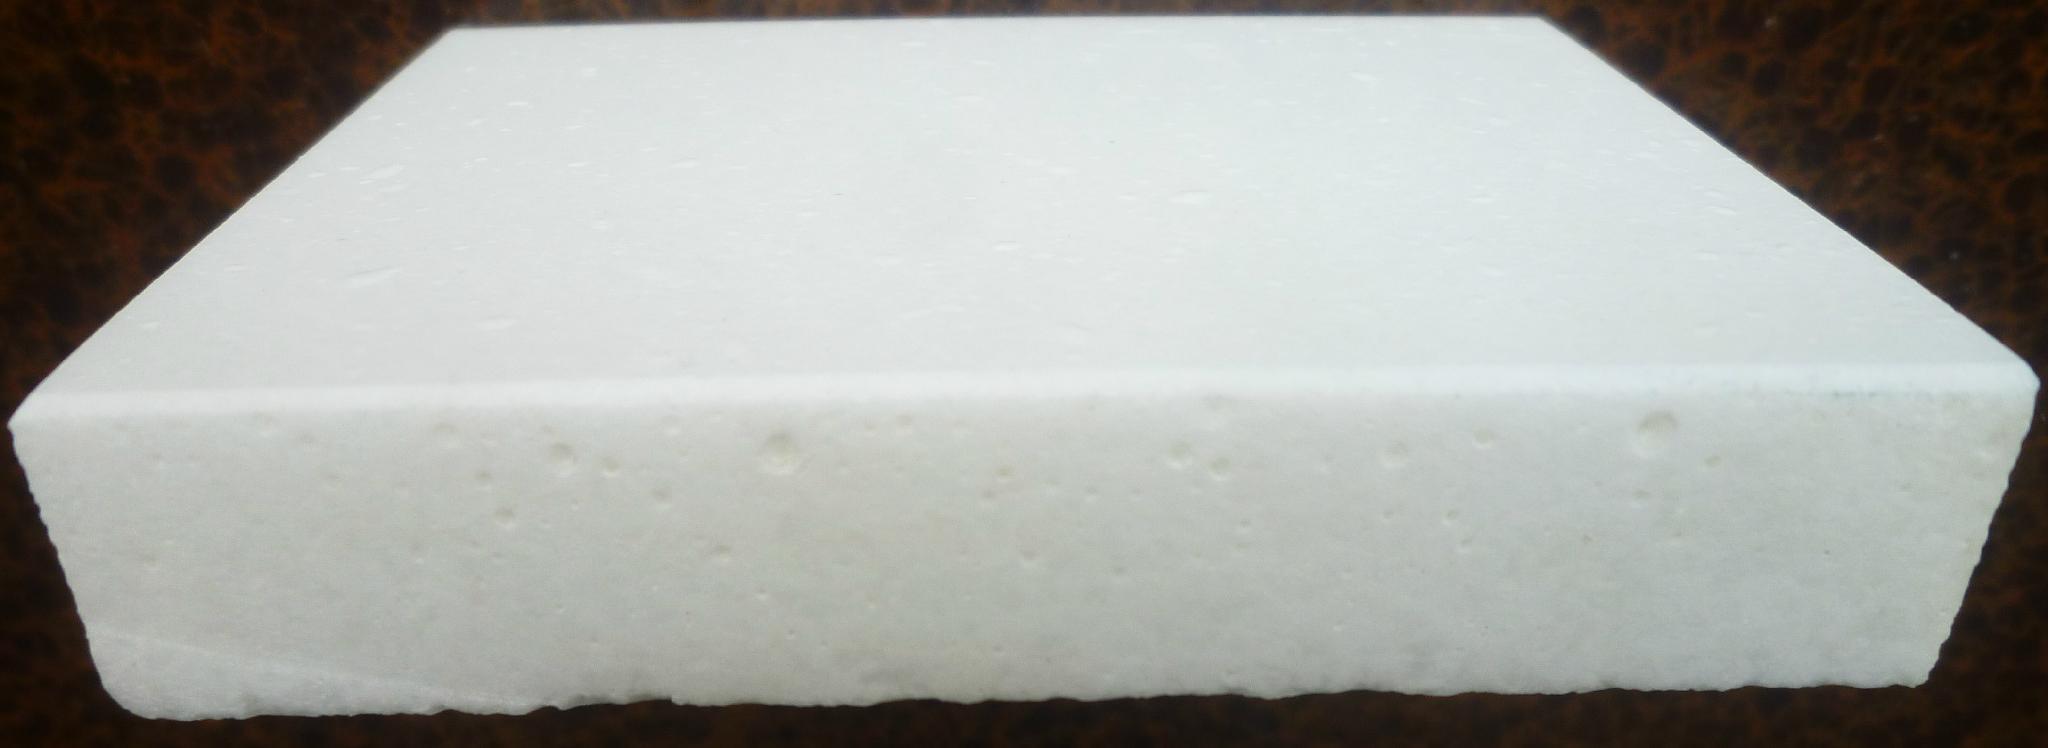 超白通體微晶石大板佛山生產製造商 2